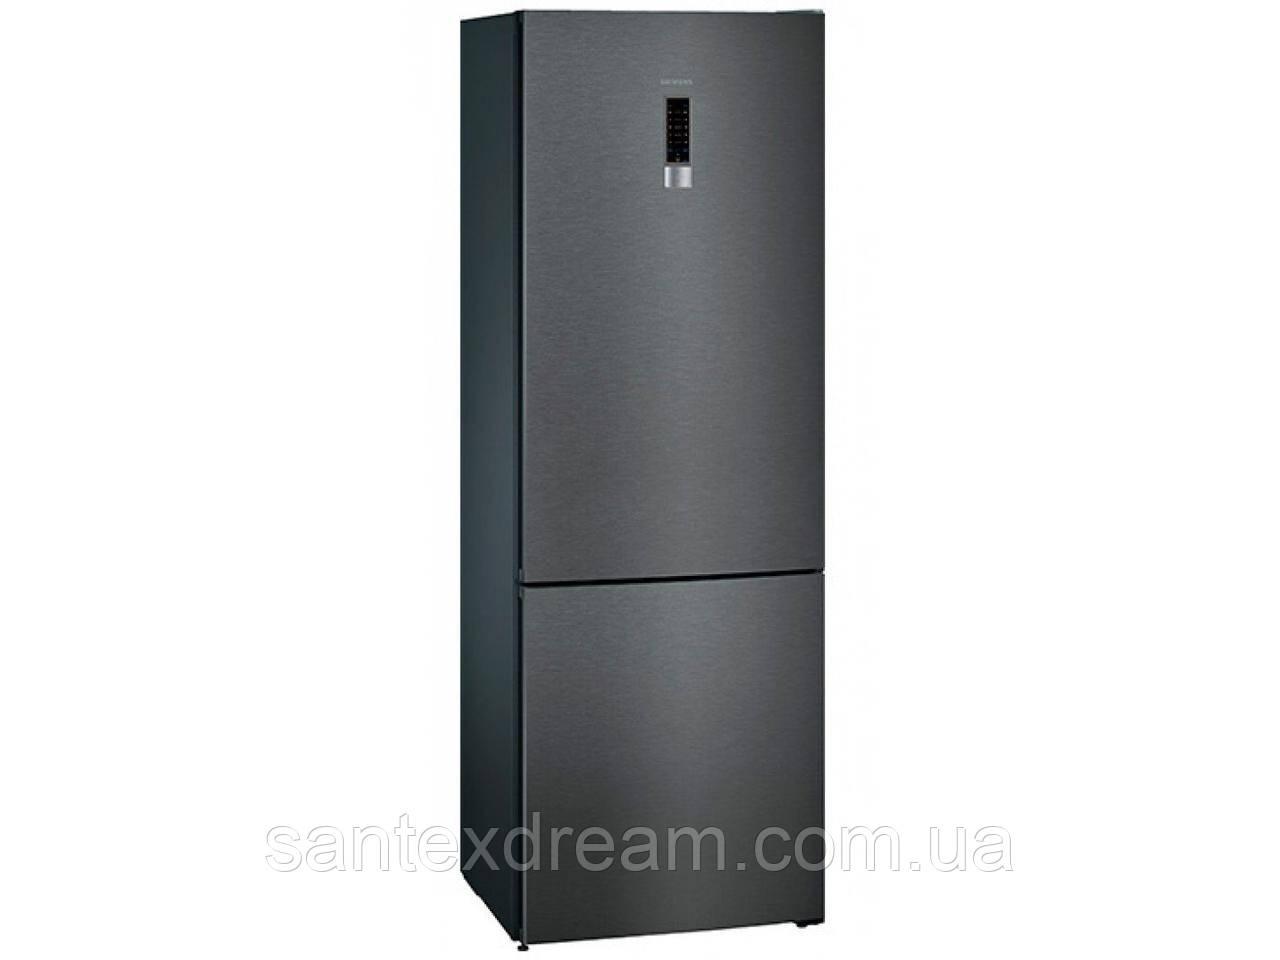 Холодильник Siemens KG49NXX306